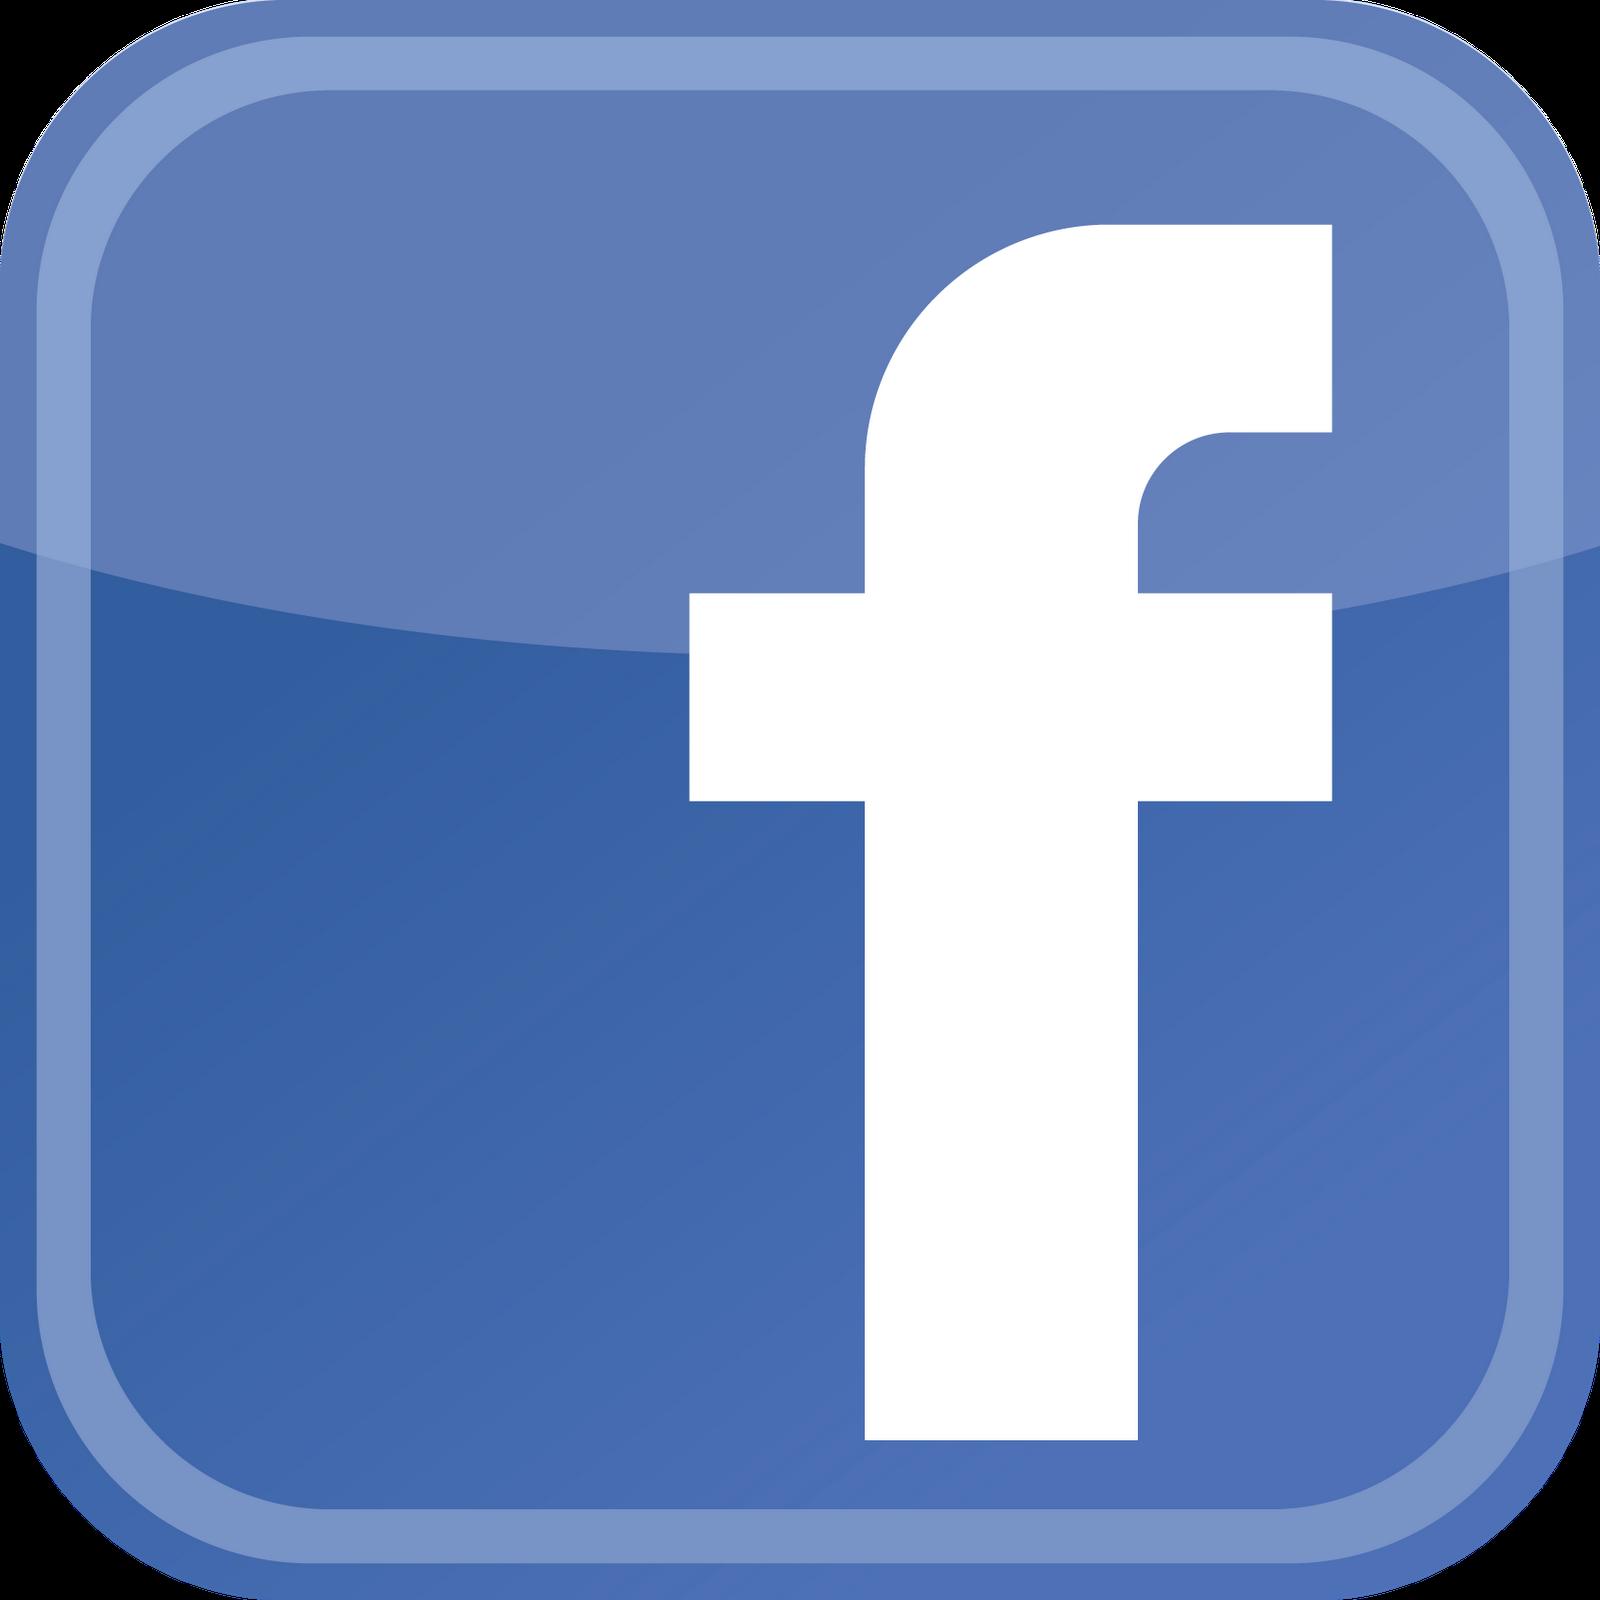 logo facebook 1